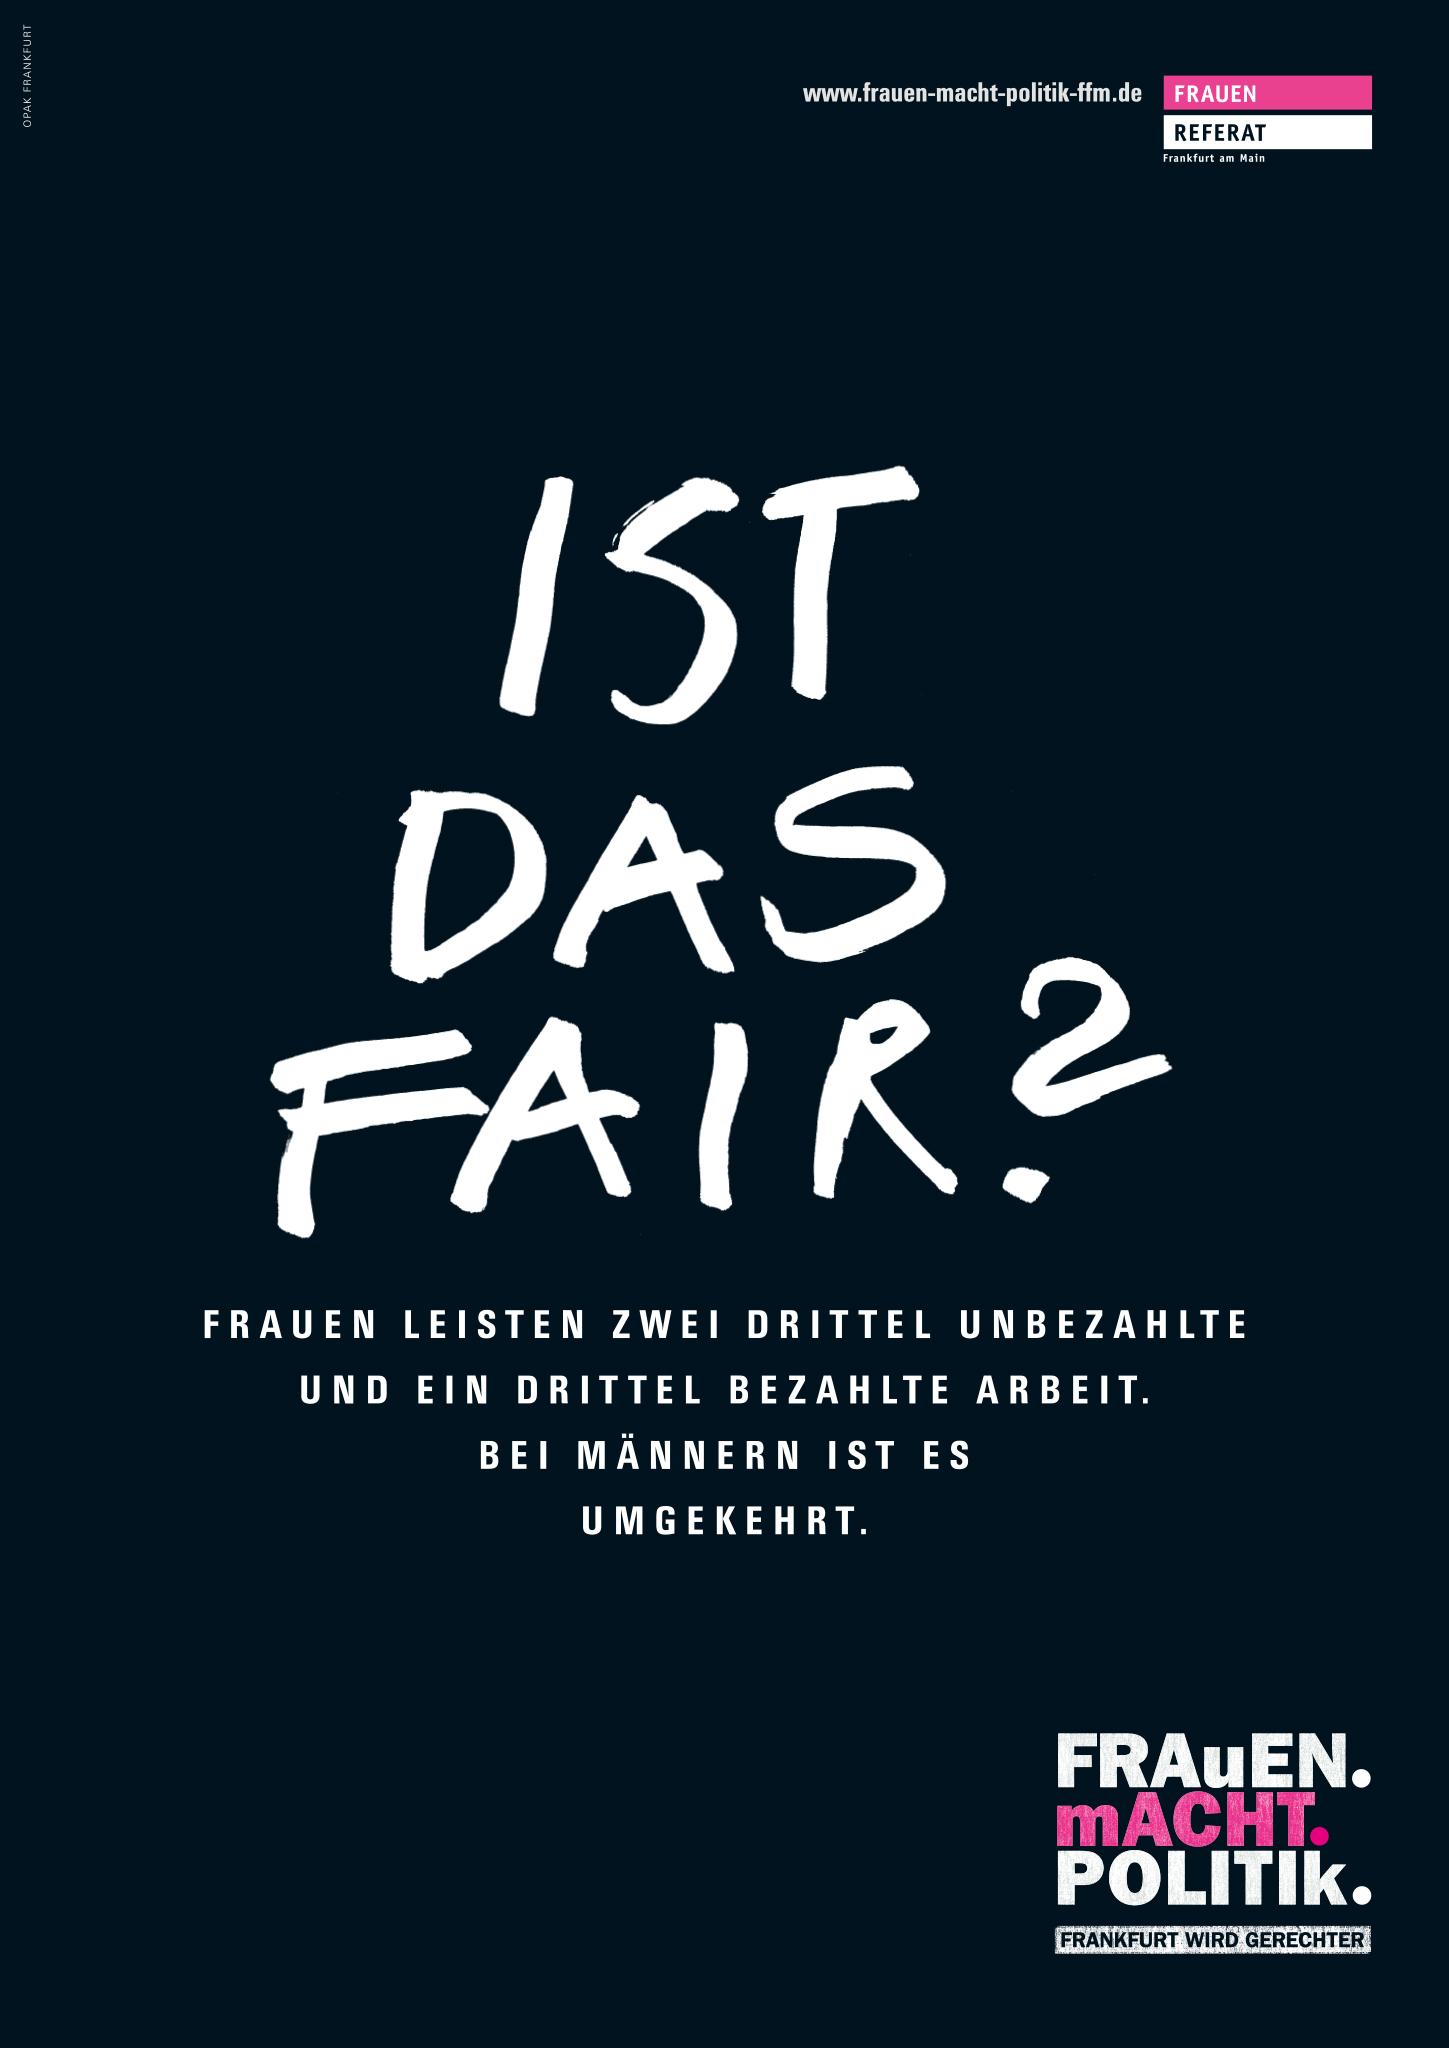 projekt jüdisches leben in frankfurt